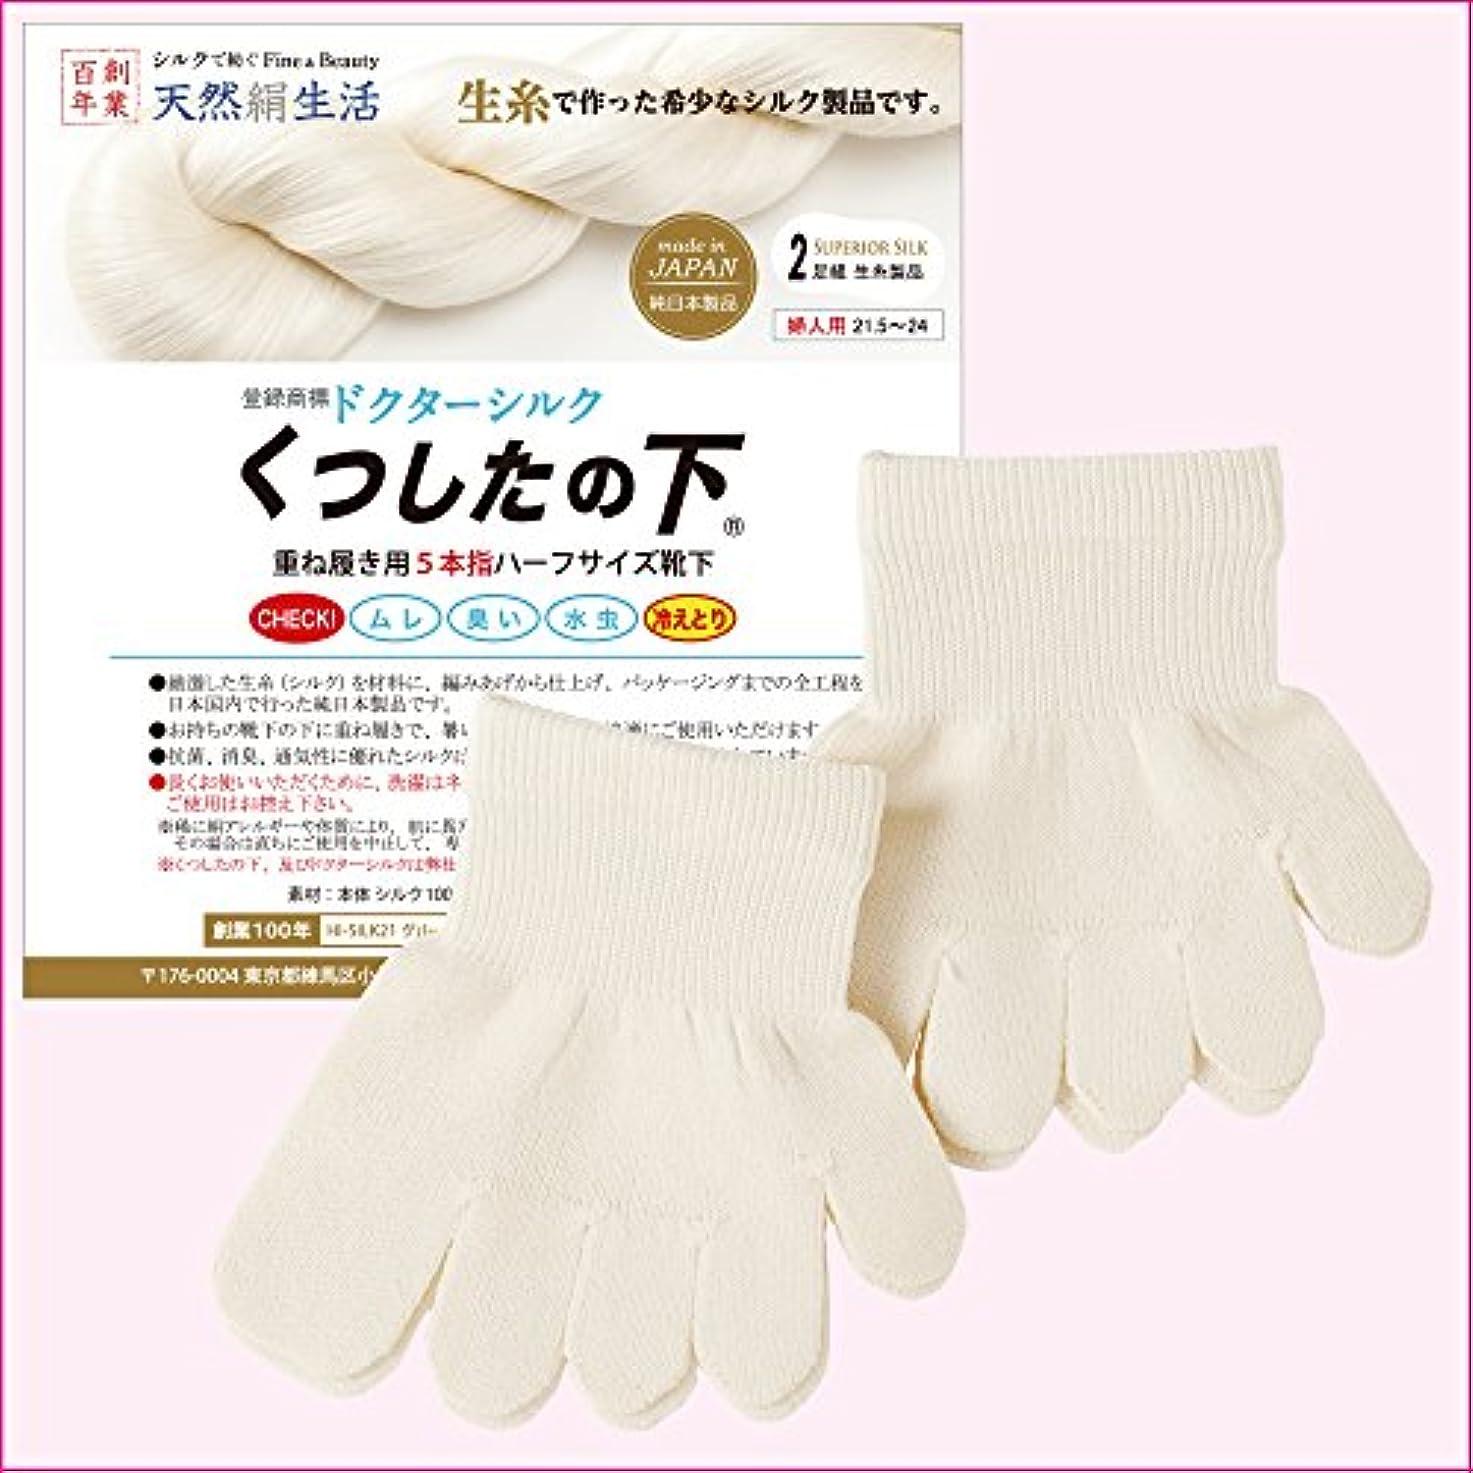 比較的案件強大な【純日本製】最高峰シルク 生糸 の5本指靴下_婦人用2足組『くつしたの下』生成り/冷えとり決定版